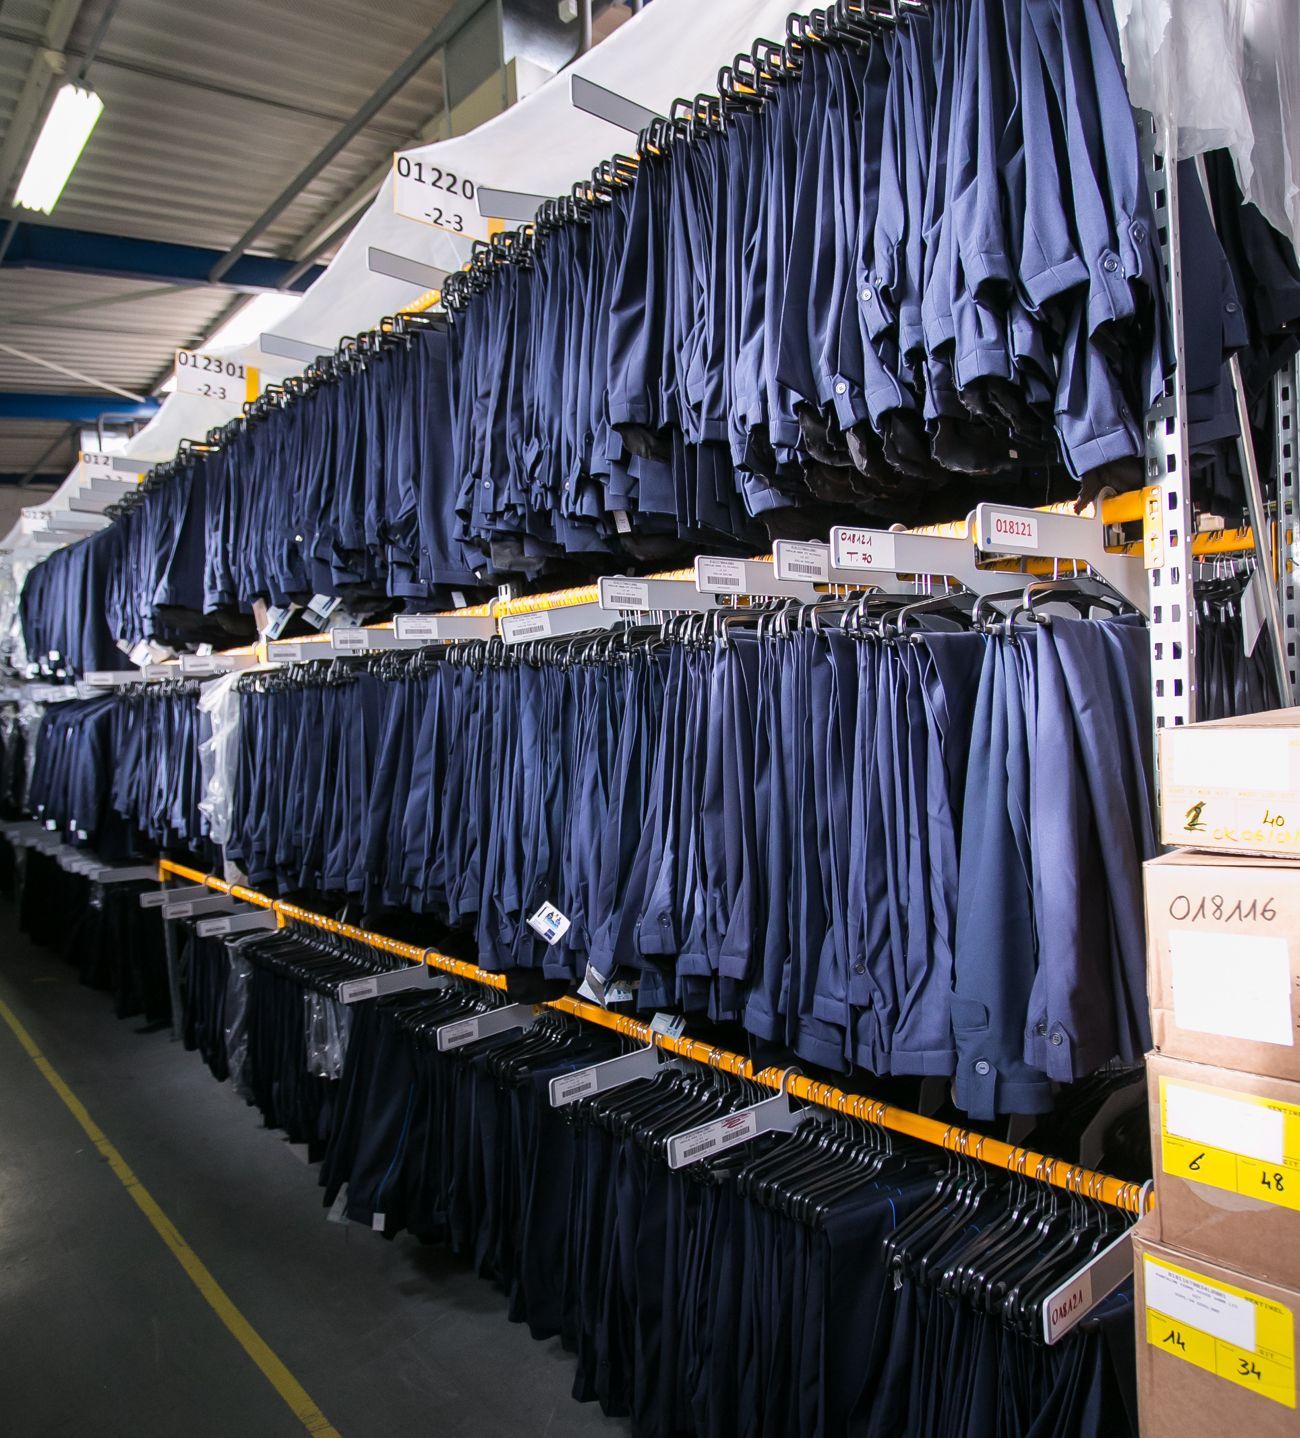 Photographie d'une série de pantalon d'uniforme illustrant le développement durable.